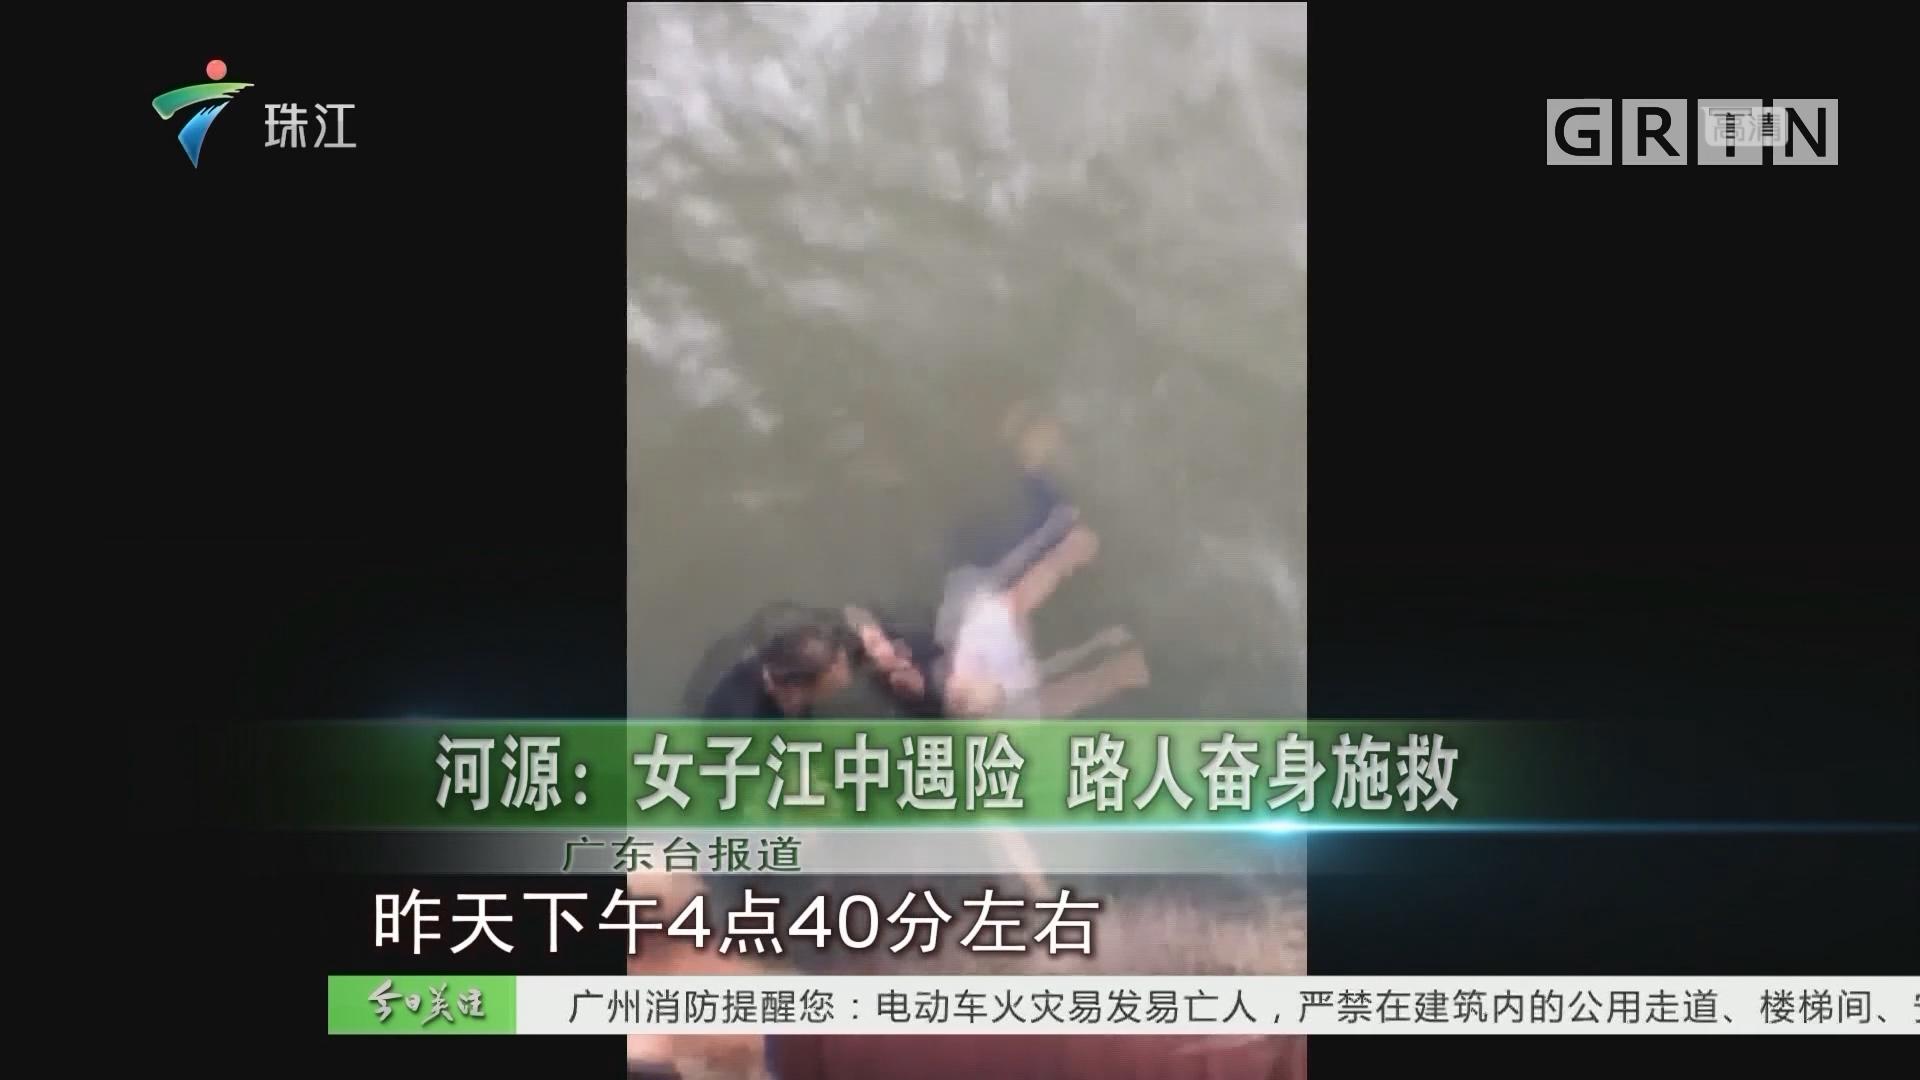 河源:女子江中遇险 路人奋身施救